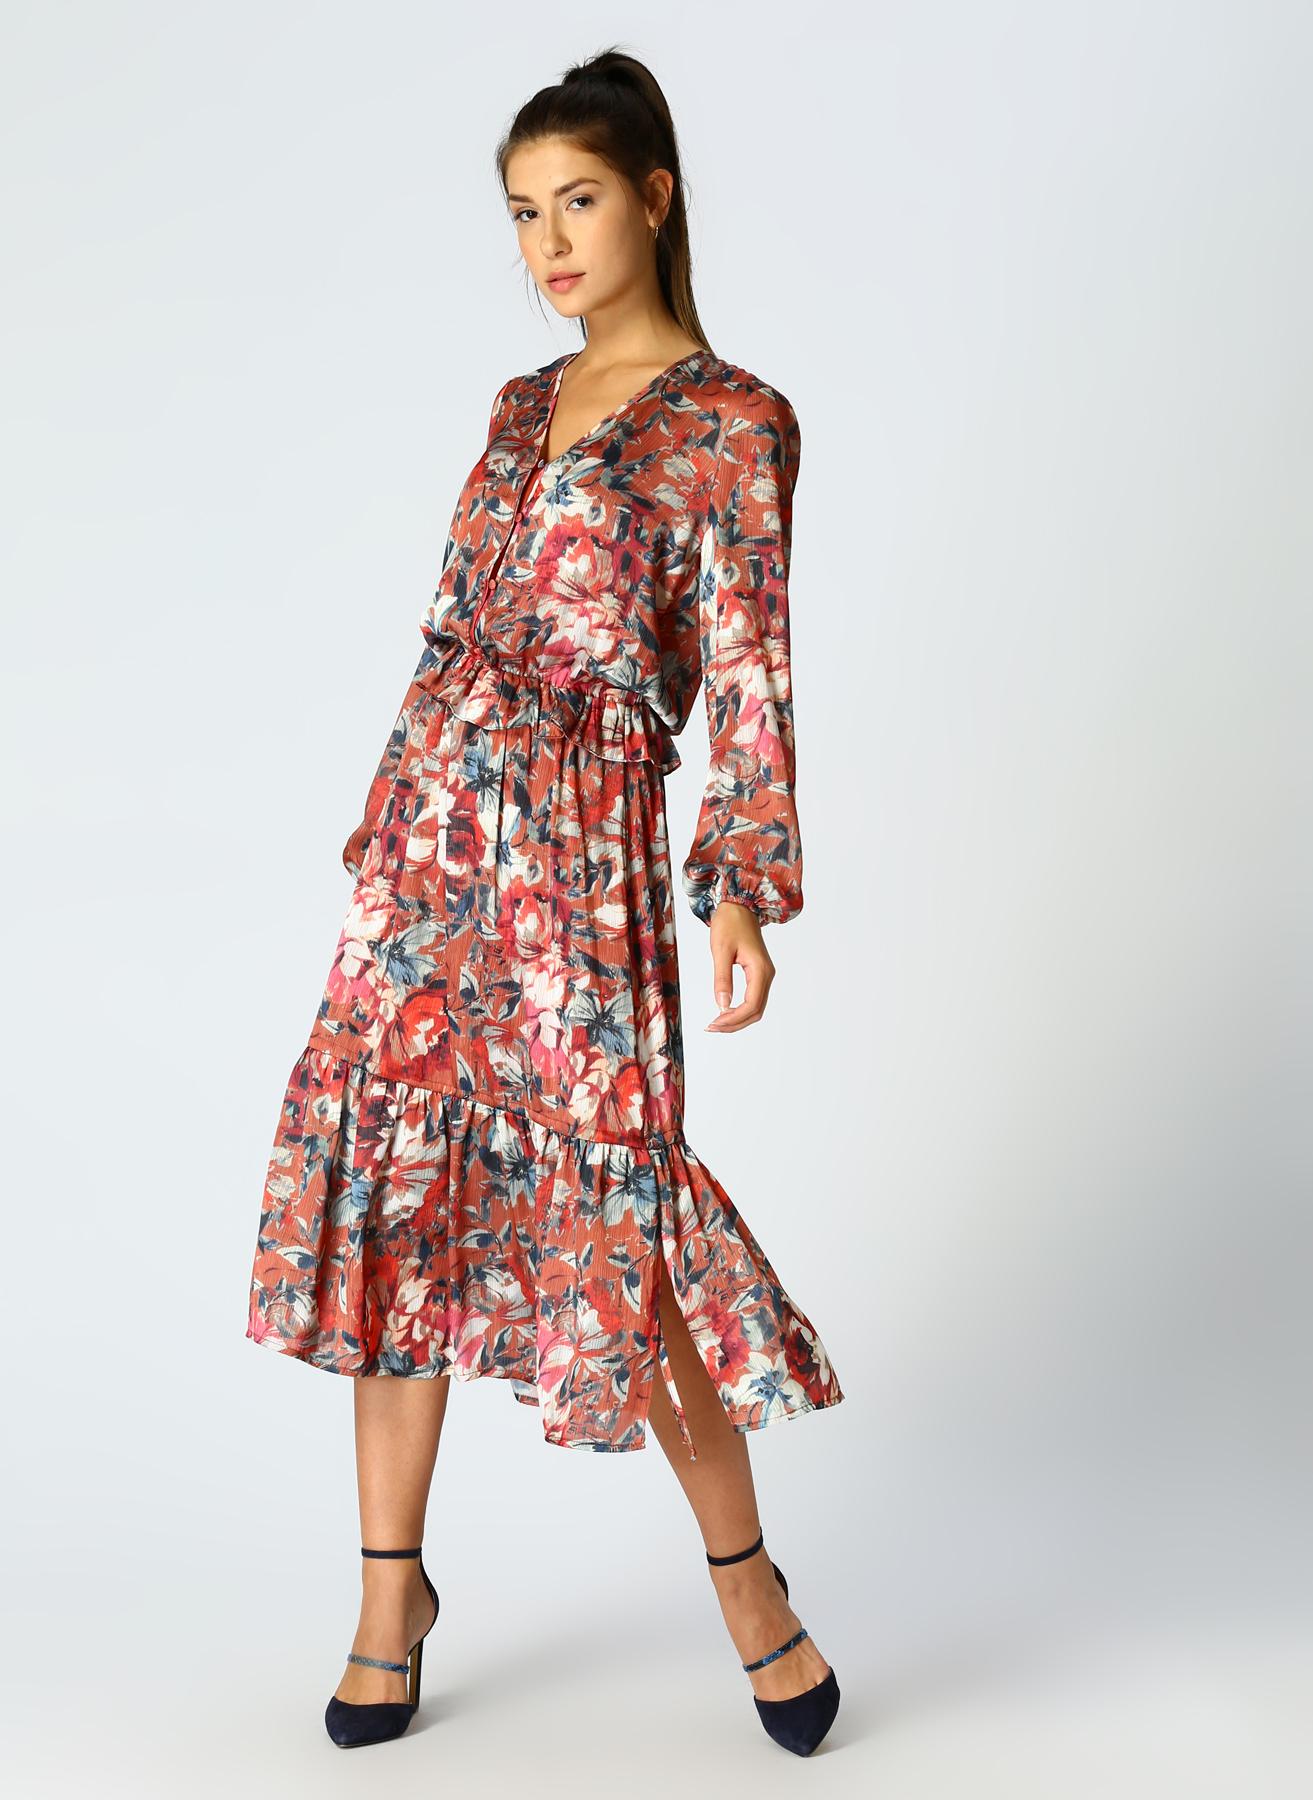 Fabrika Desenli Elbise 42 5001697251004 Ürün Resmi